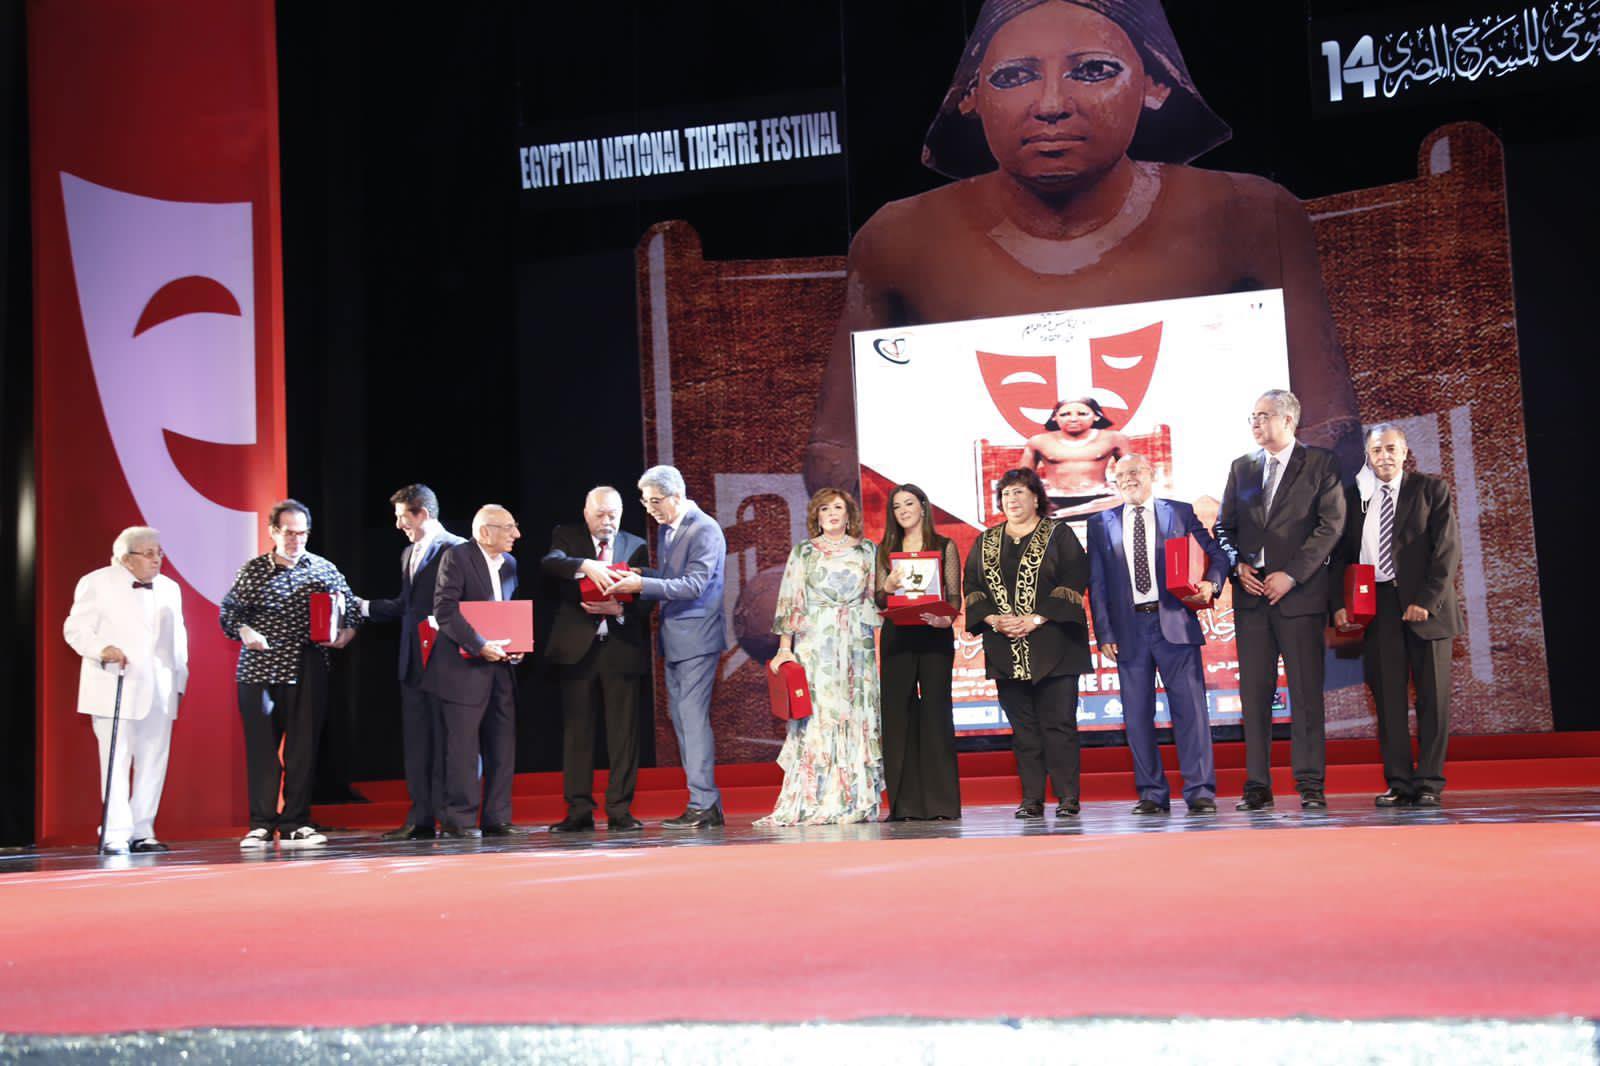 رئيس  القومي للمسرح  مصر تنتج أكثر من  عرض سنويًا ولدينا تنوع ثقافي كبير    صور